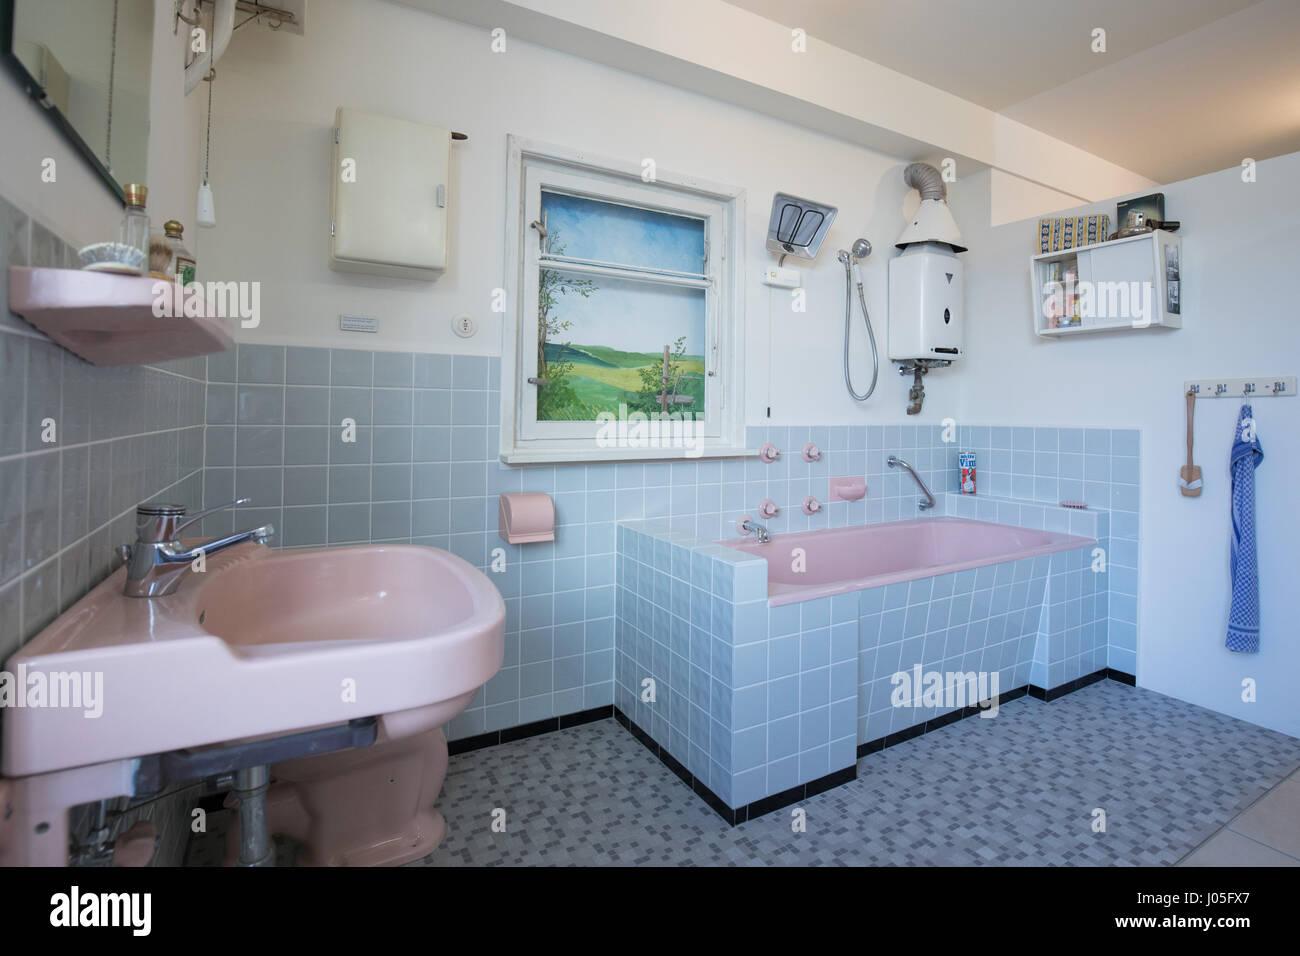 Badezimmer Ausstellung Deutschland Home Bad Heizung